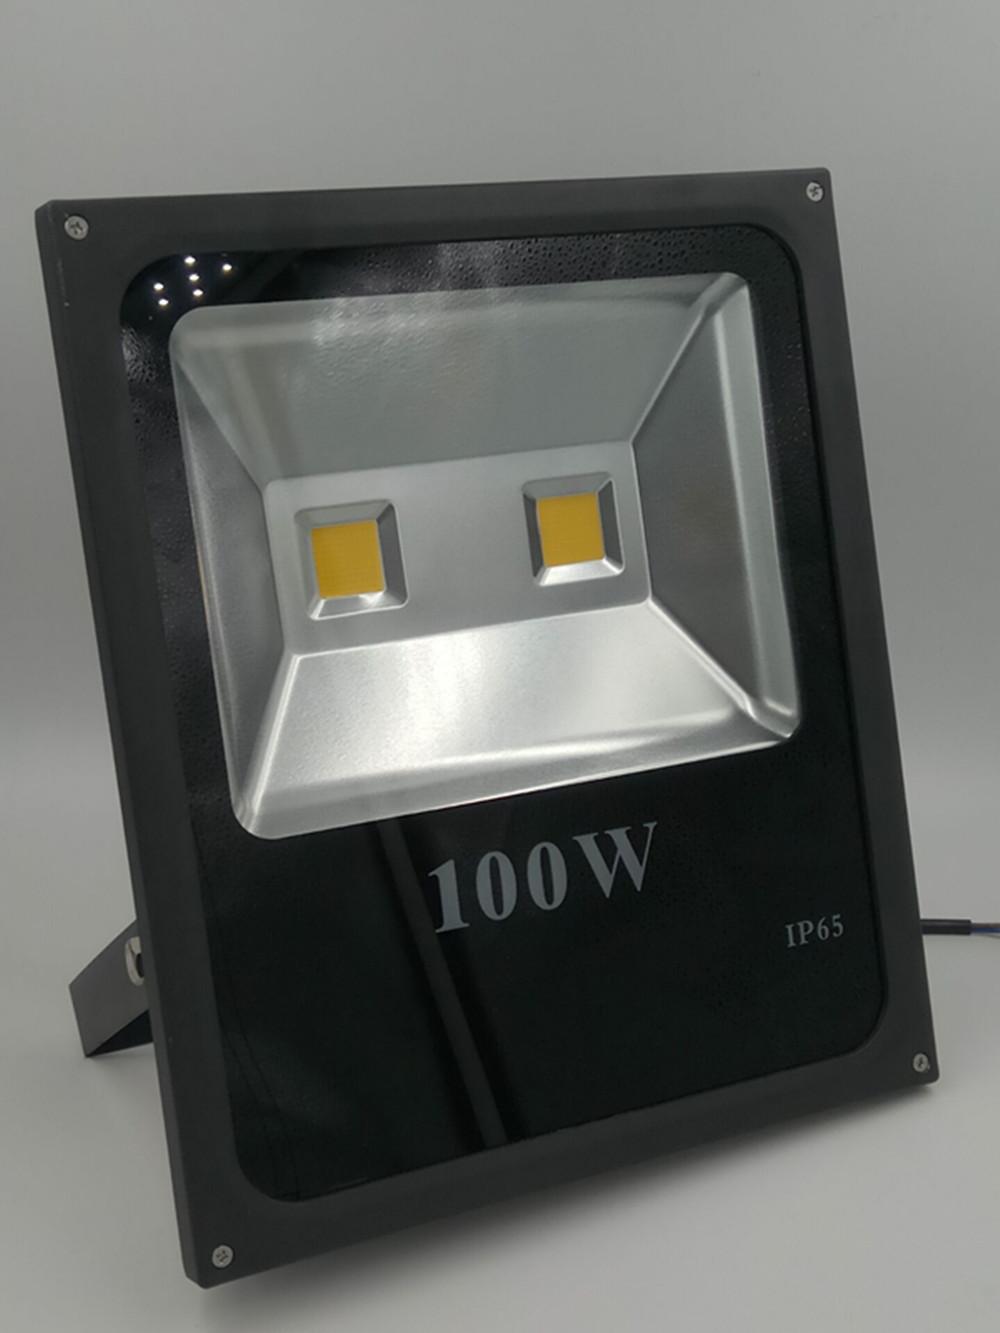 LED Floodlight 100W Ultal Thin Led Flood Light Spotlight 220V 230V Waterproof Outdoor Wall Lamp Projectors